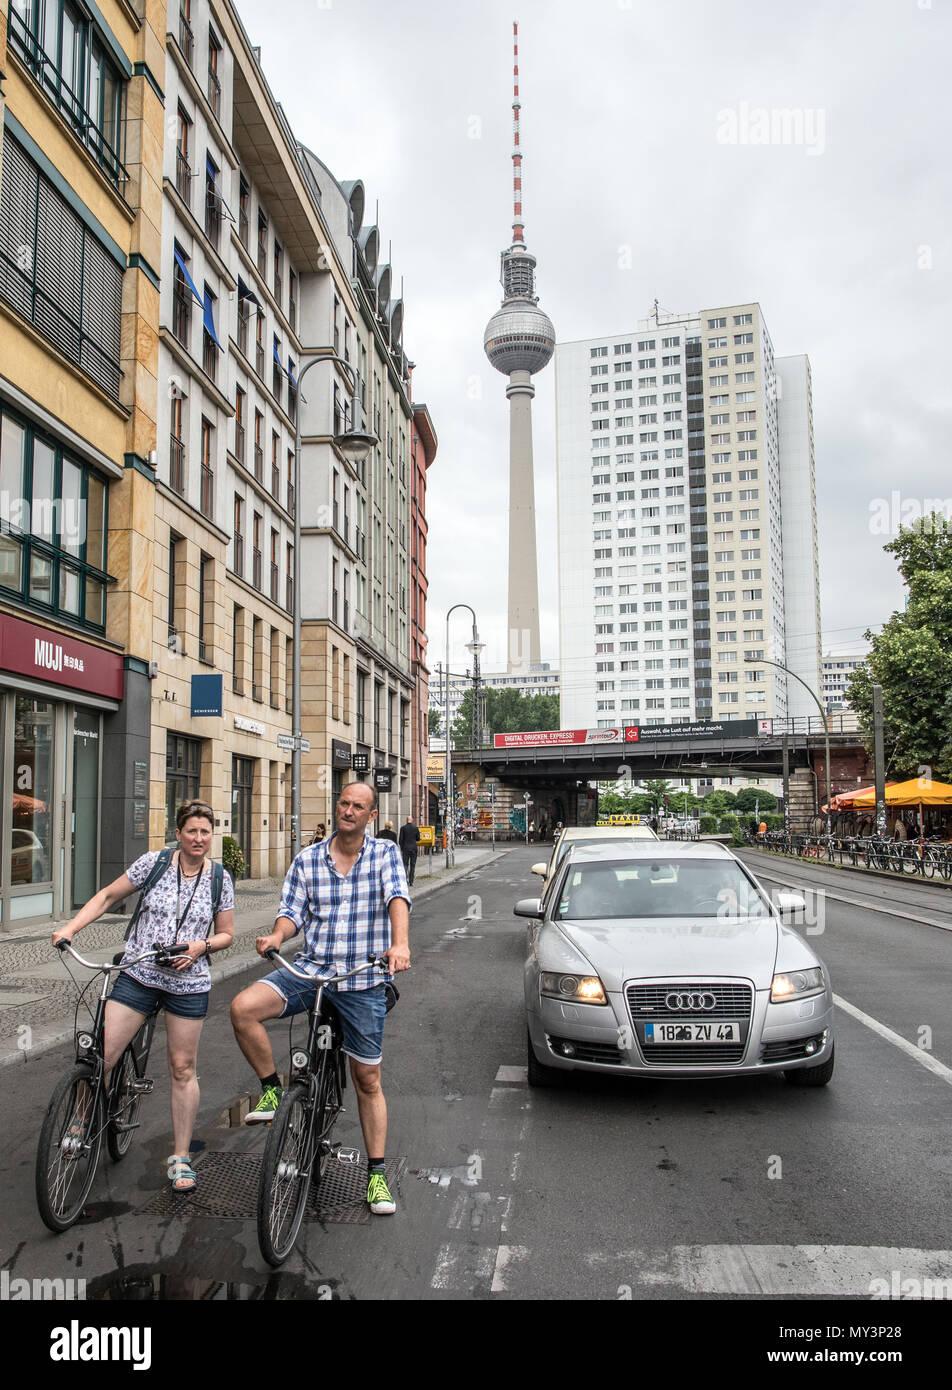 Gente en bicicleta en Berlín Oriental Alemania Imagen De Stock